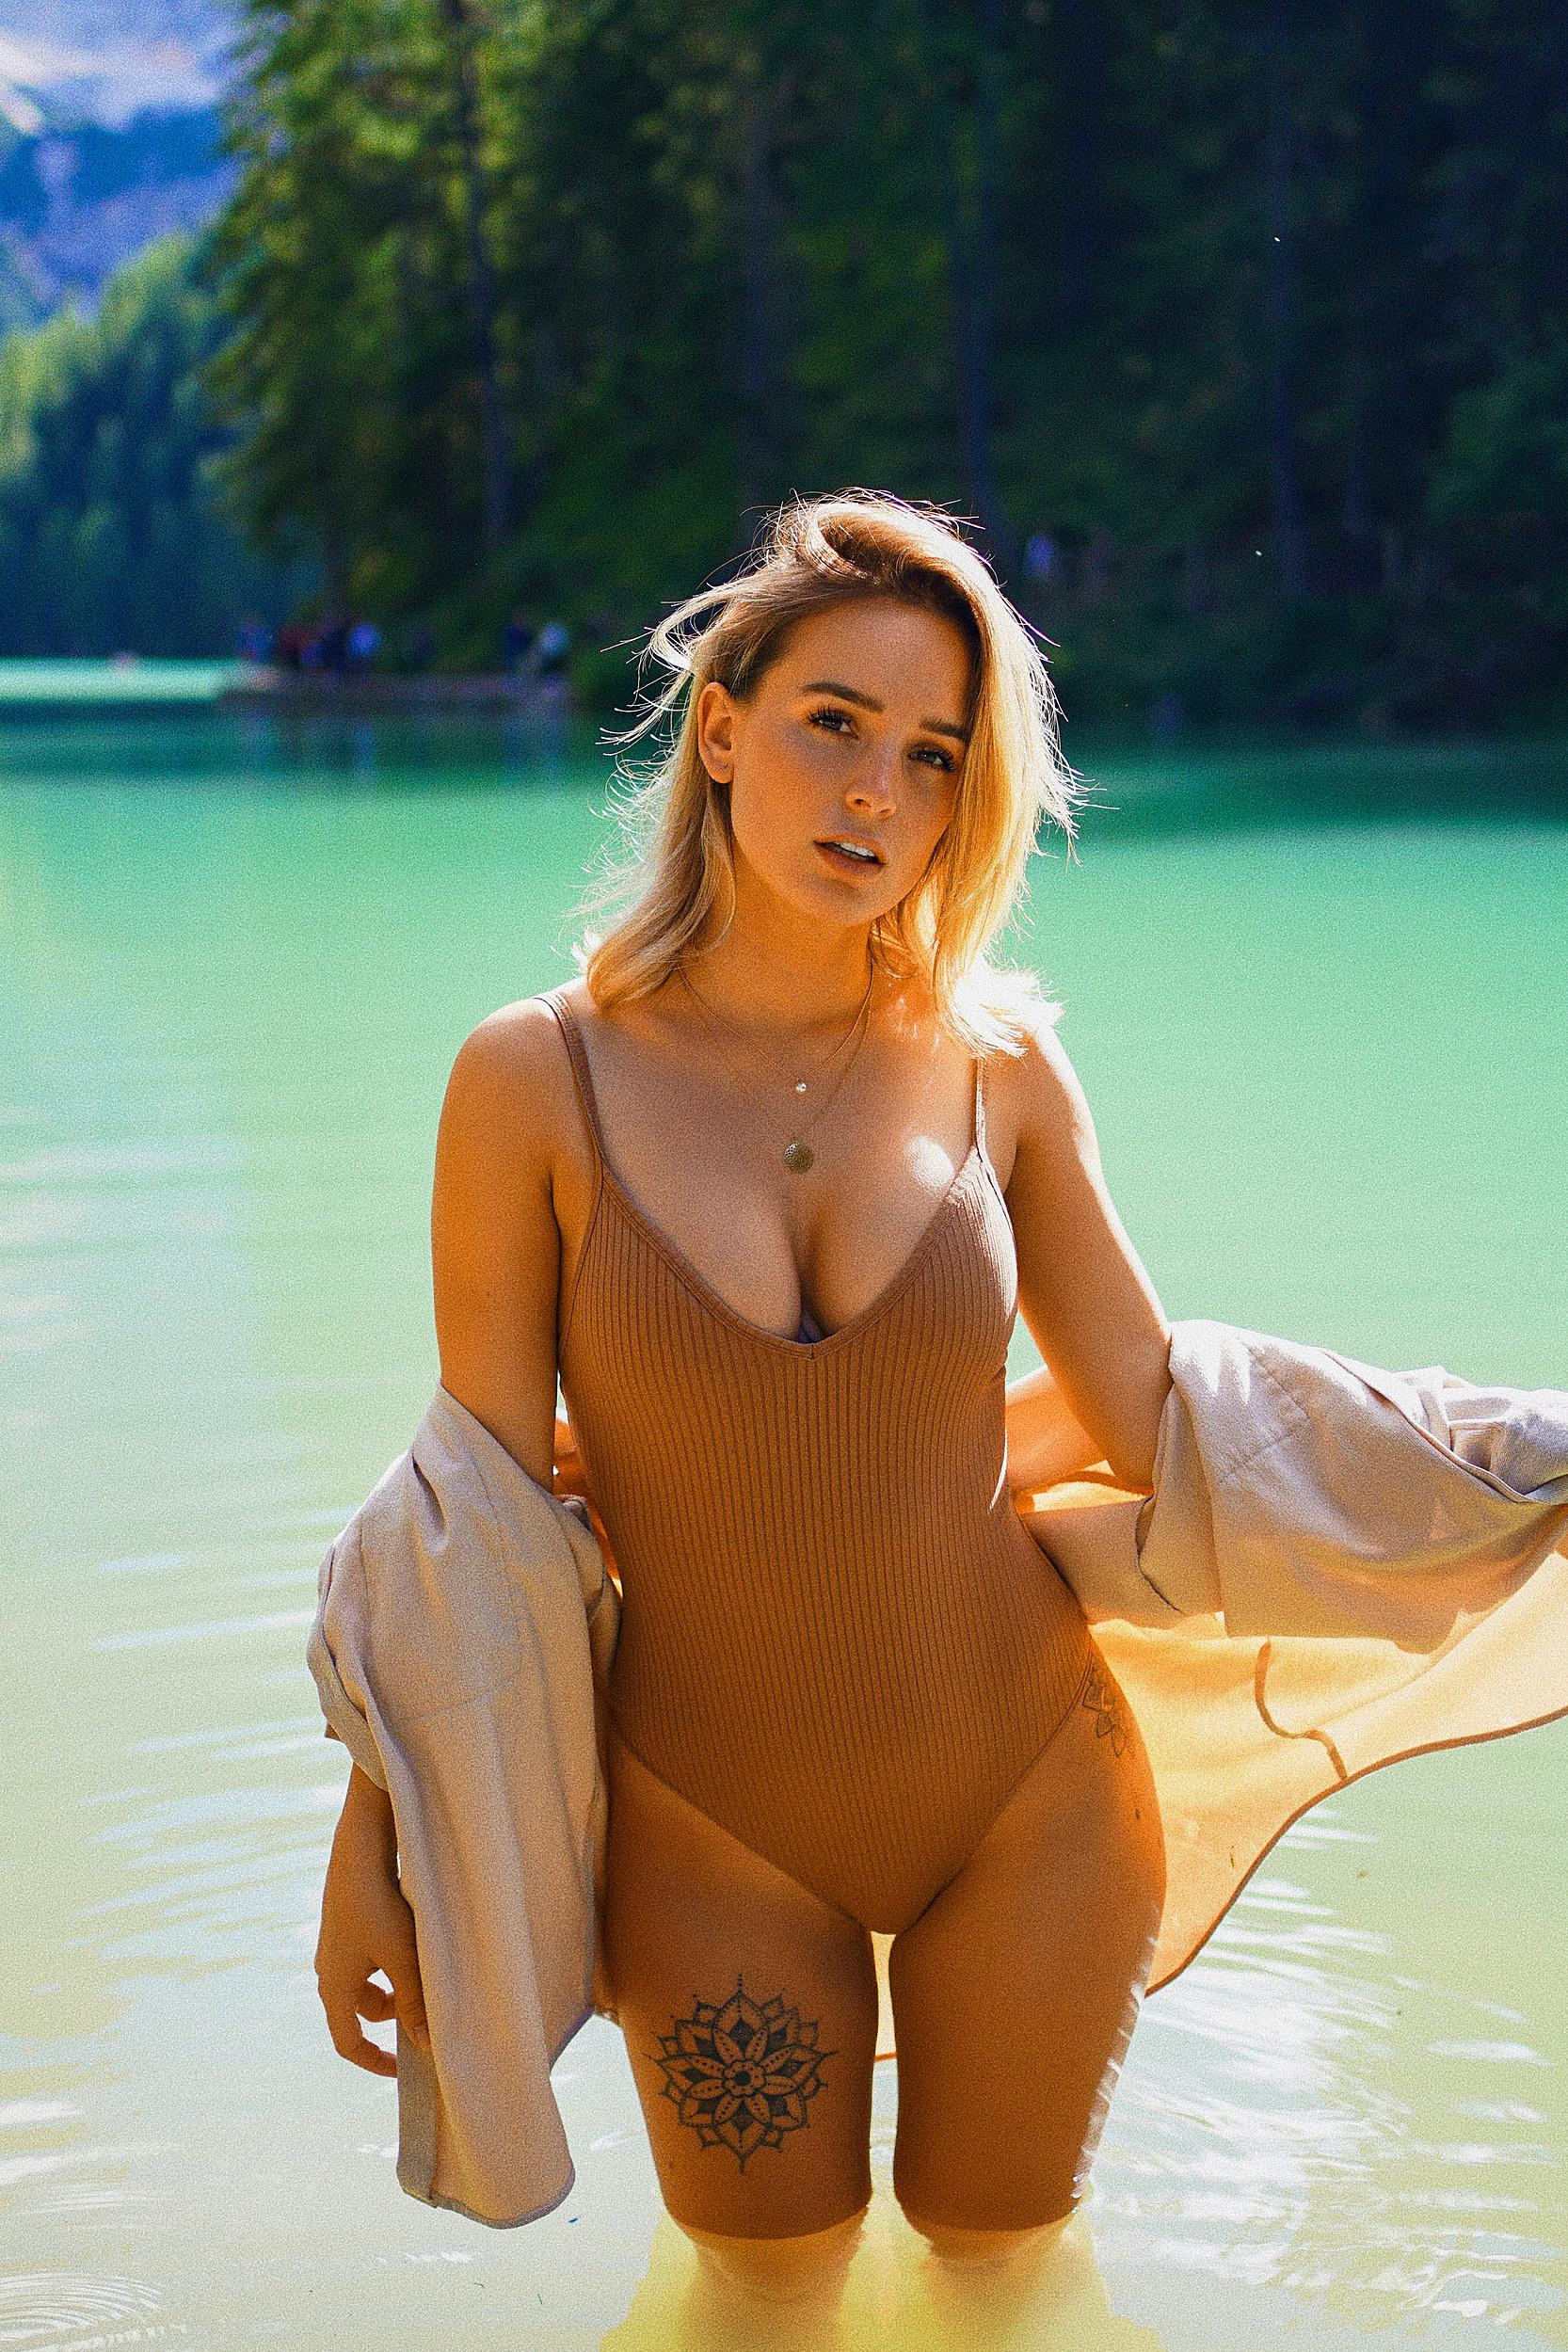 julia-rommelt-naked-tattoos-camper-seaside-december-2020-germany-playboy-04